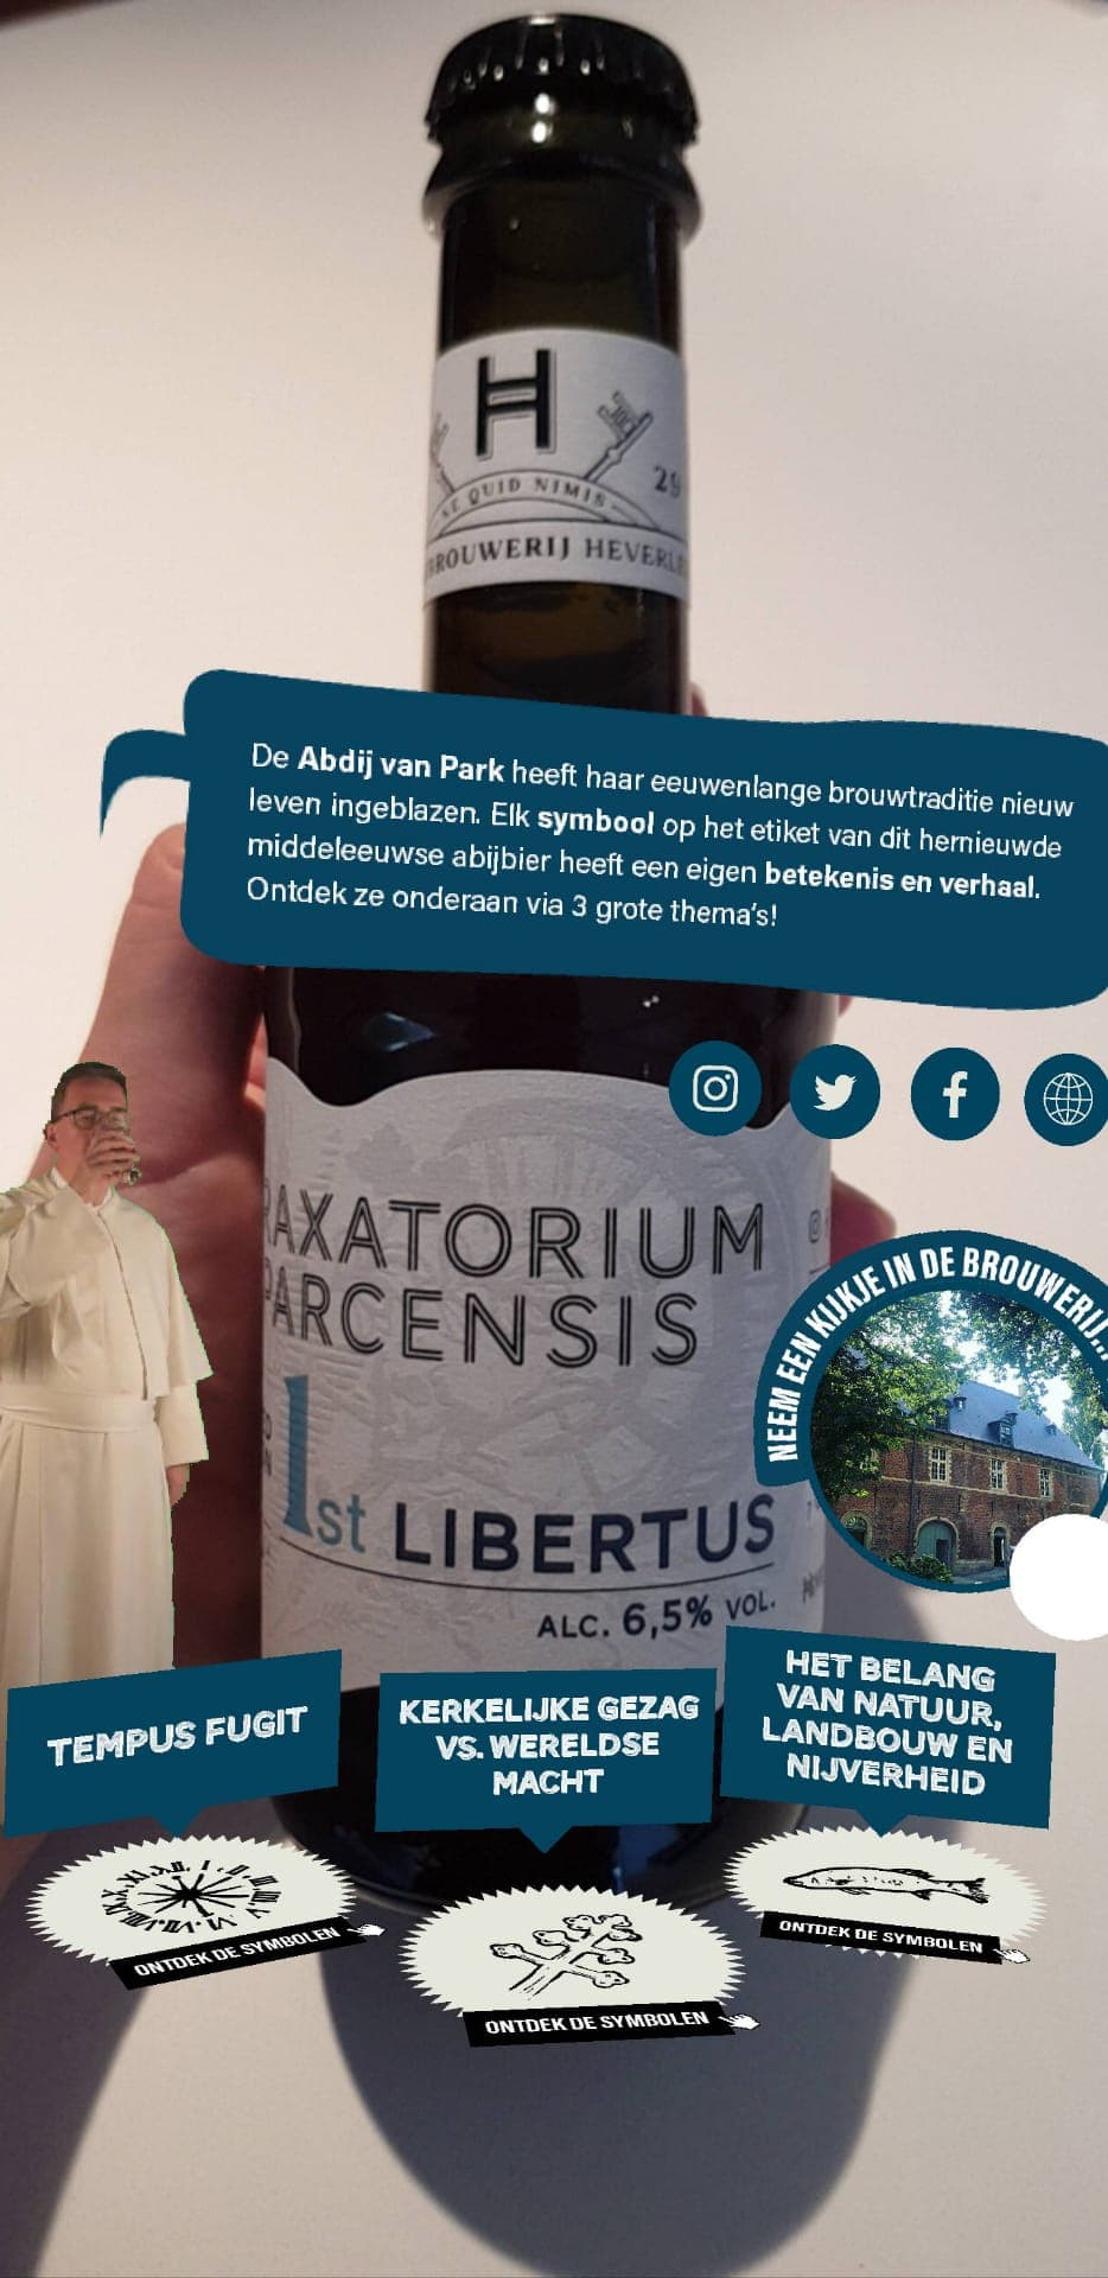 Een bierlabel dat bol staat van de informatie